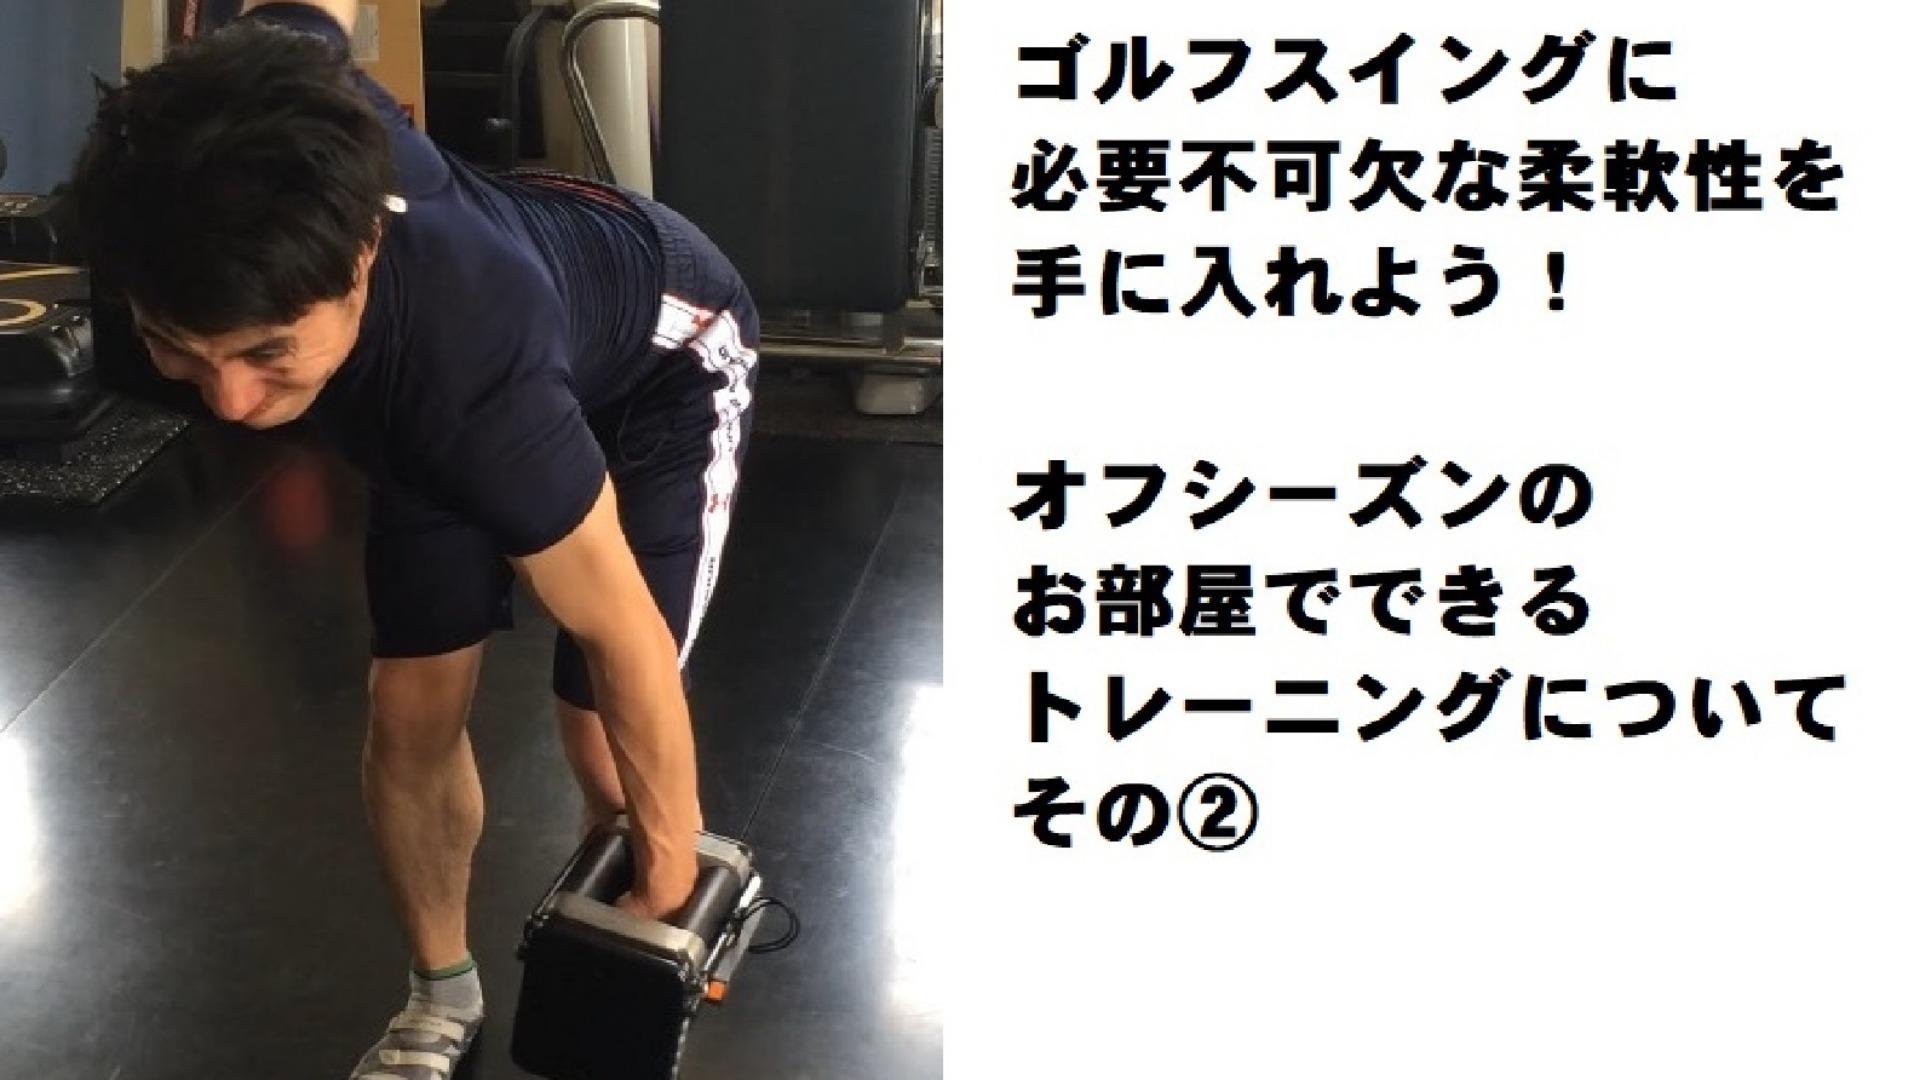 ゴルフスイングに必要なストレッチお部屋でできるトレーニング編②